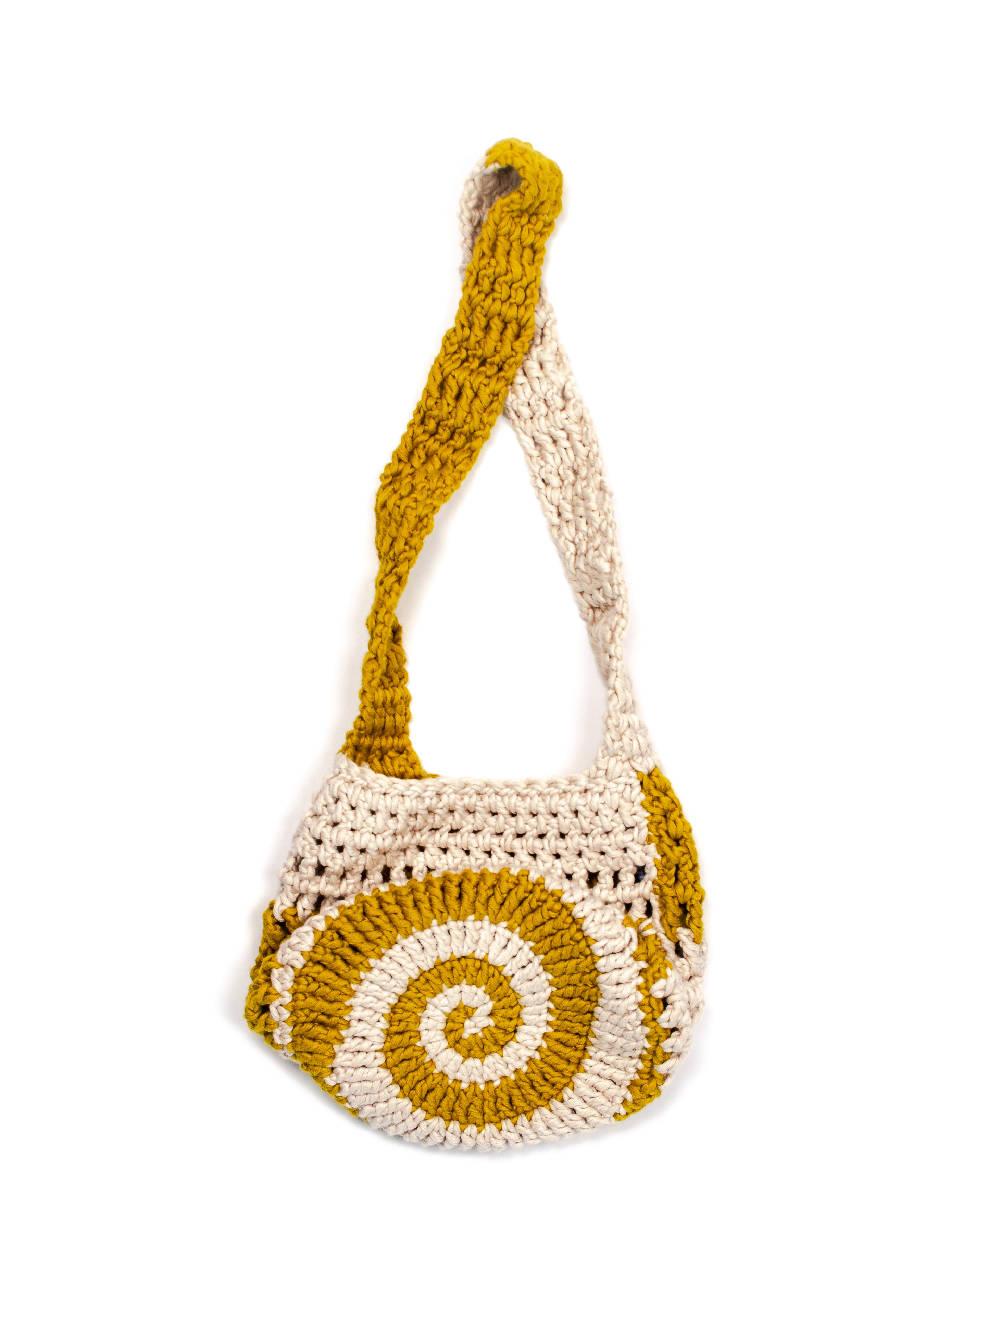 PAR CIELLE Pearl Sap Swirly Bag